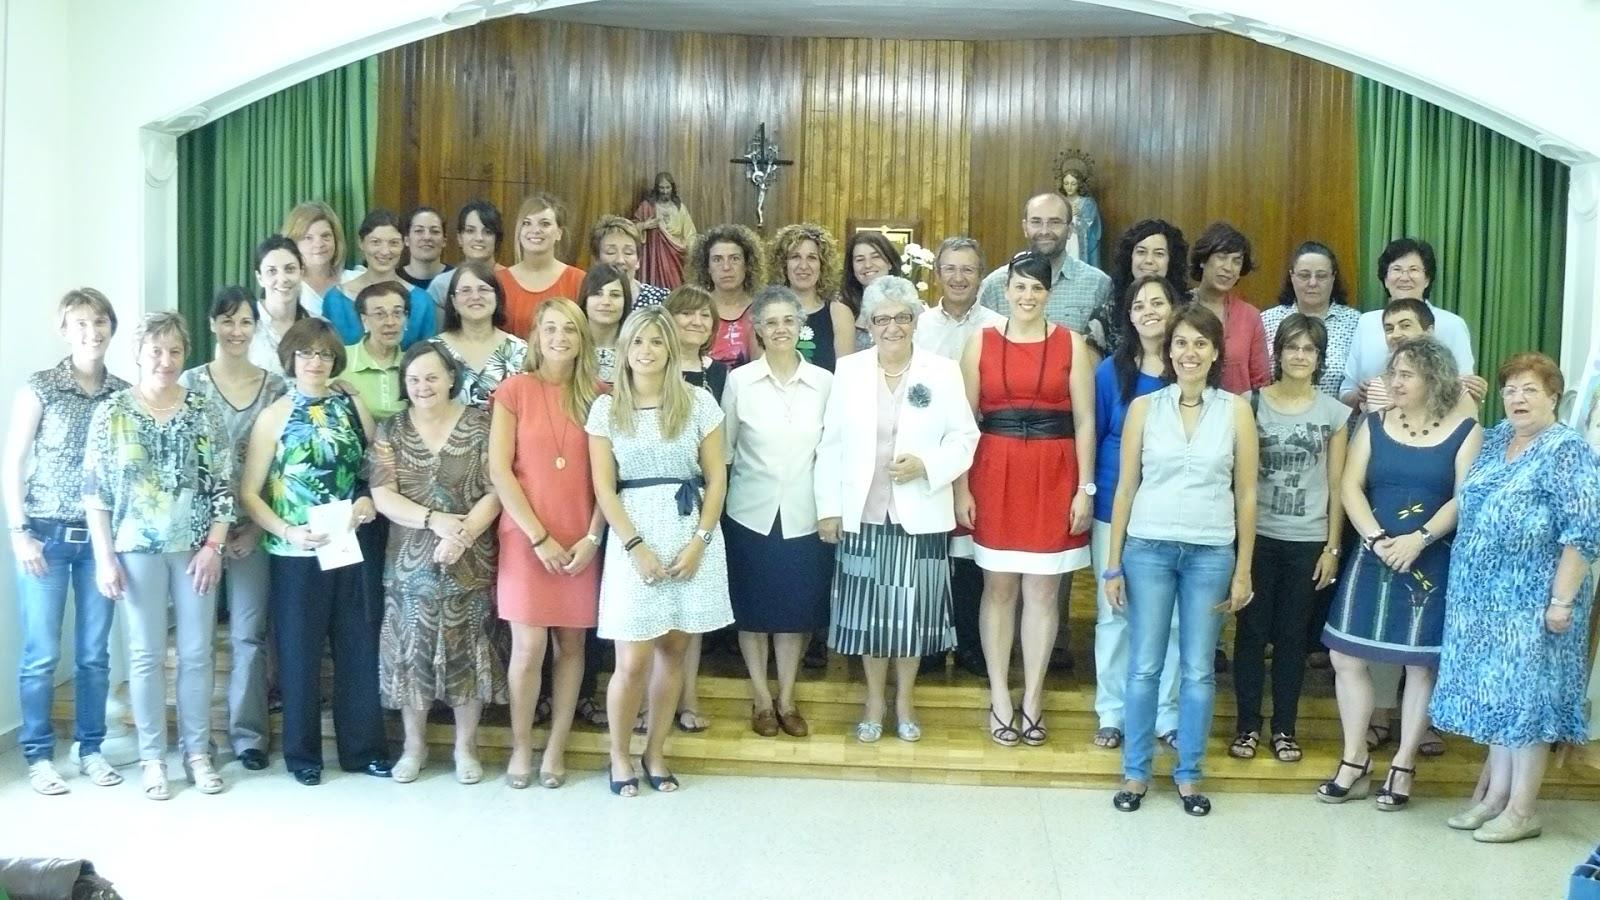 Colegio amor de dios burlada hasta siempre - Colegio amor de dios oviedo ...